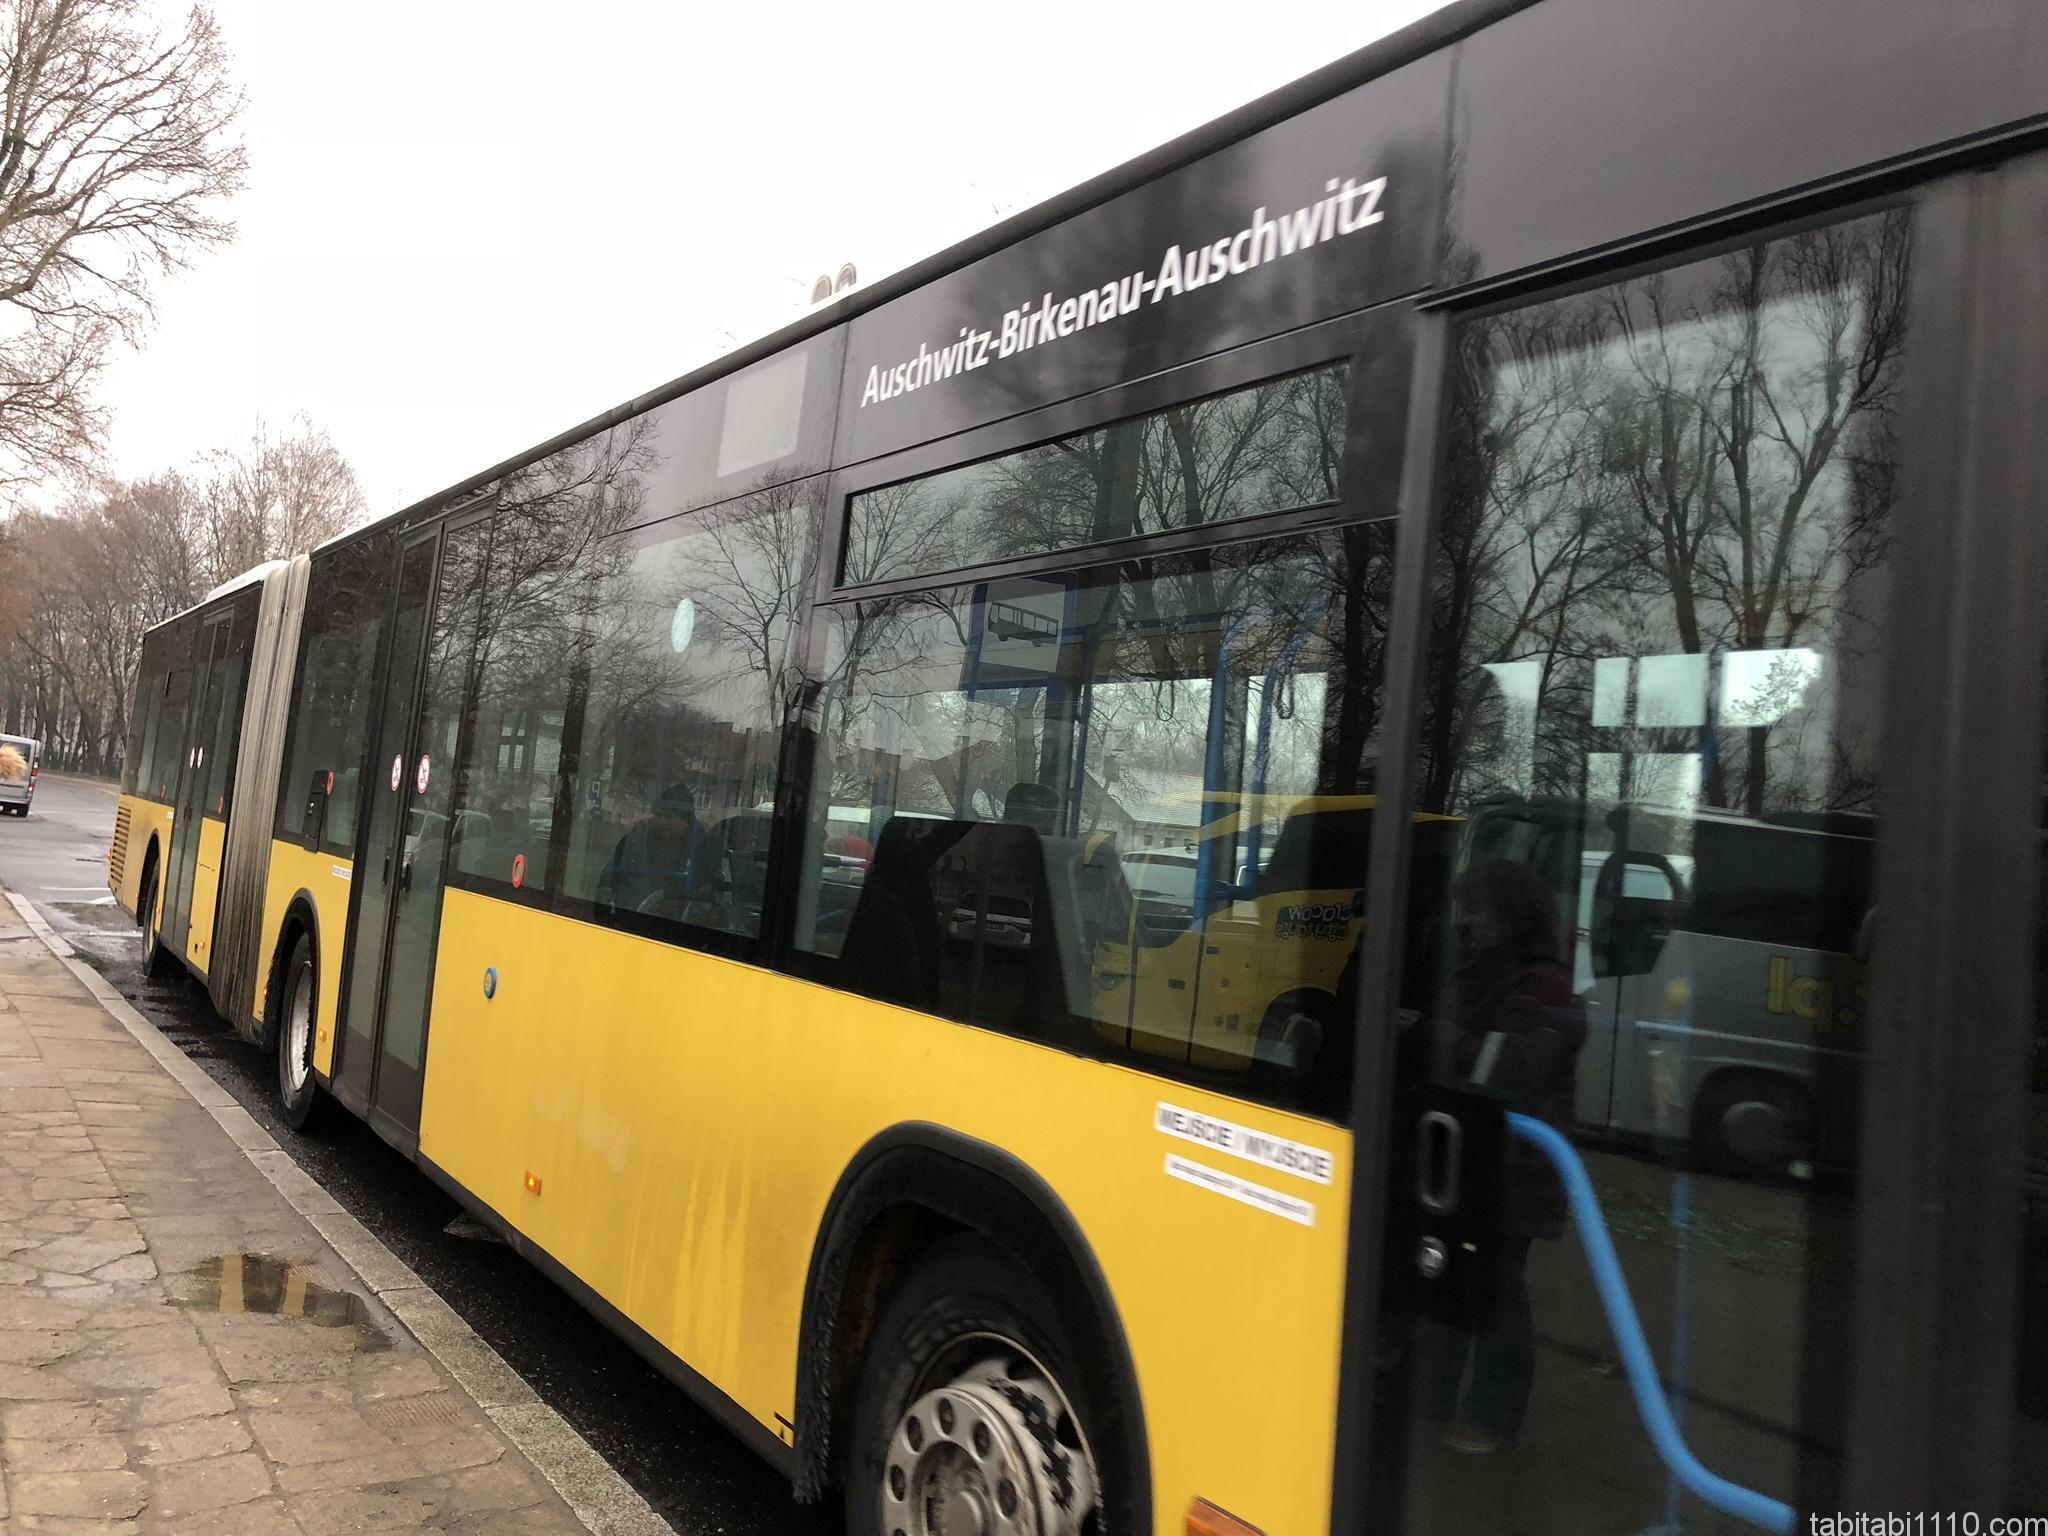 アウシュビッツ循環バス